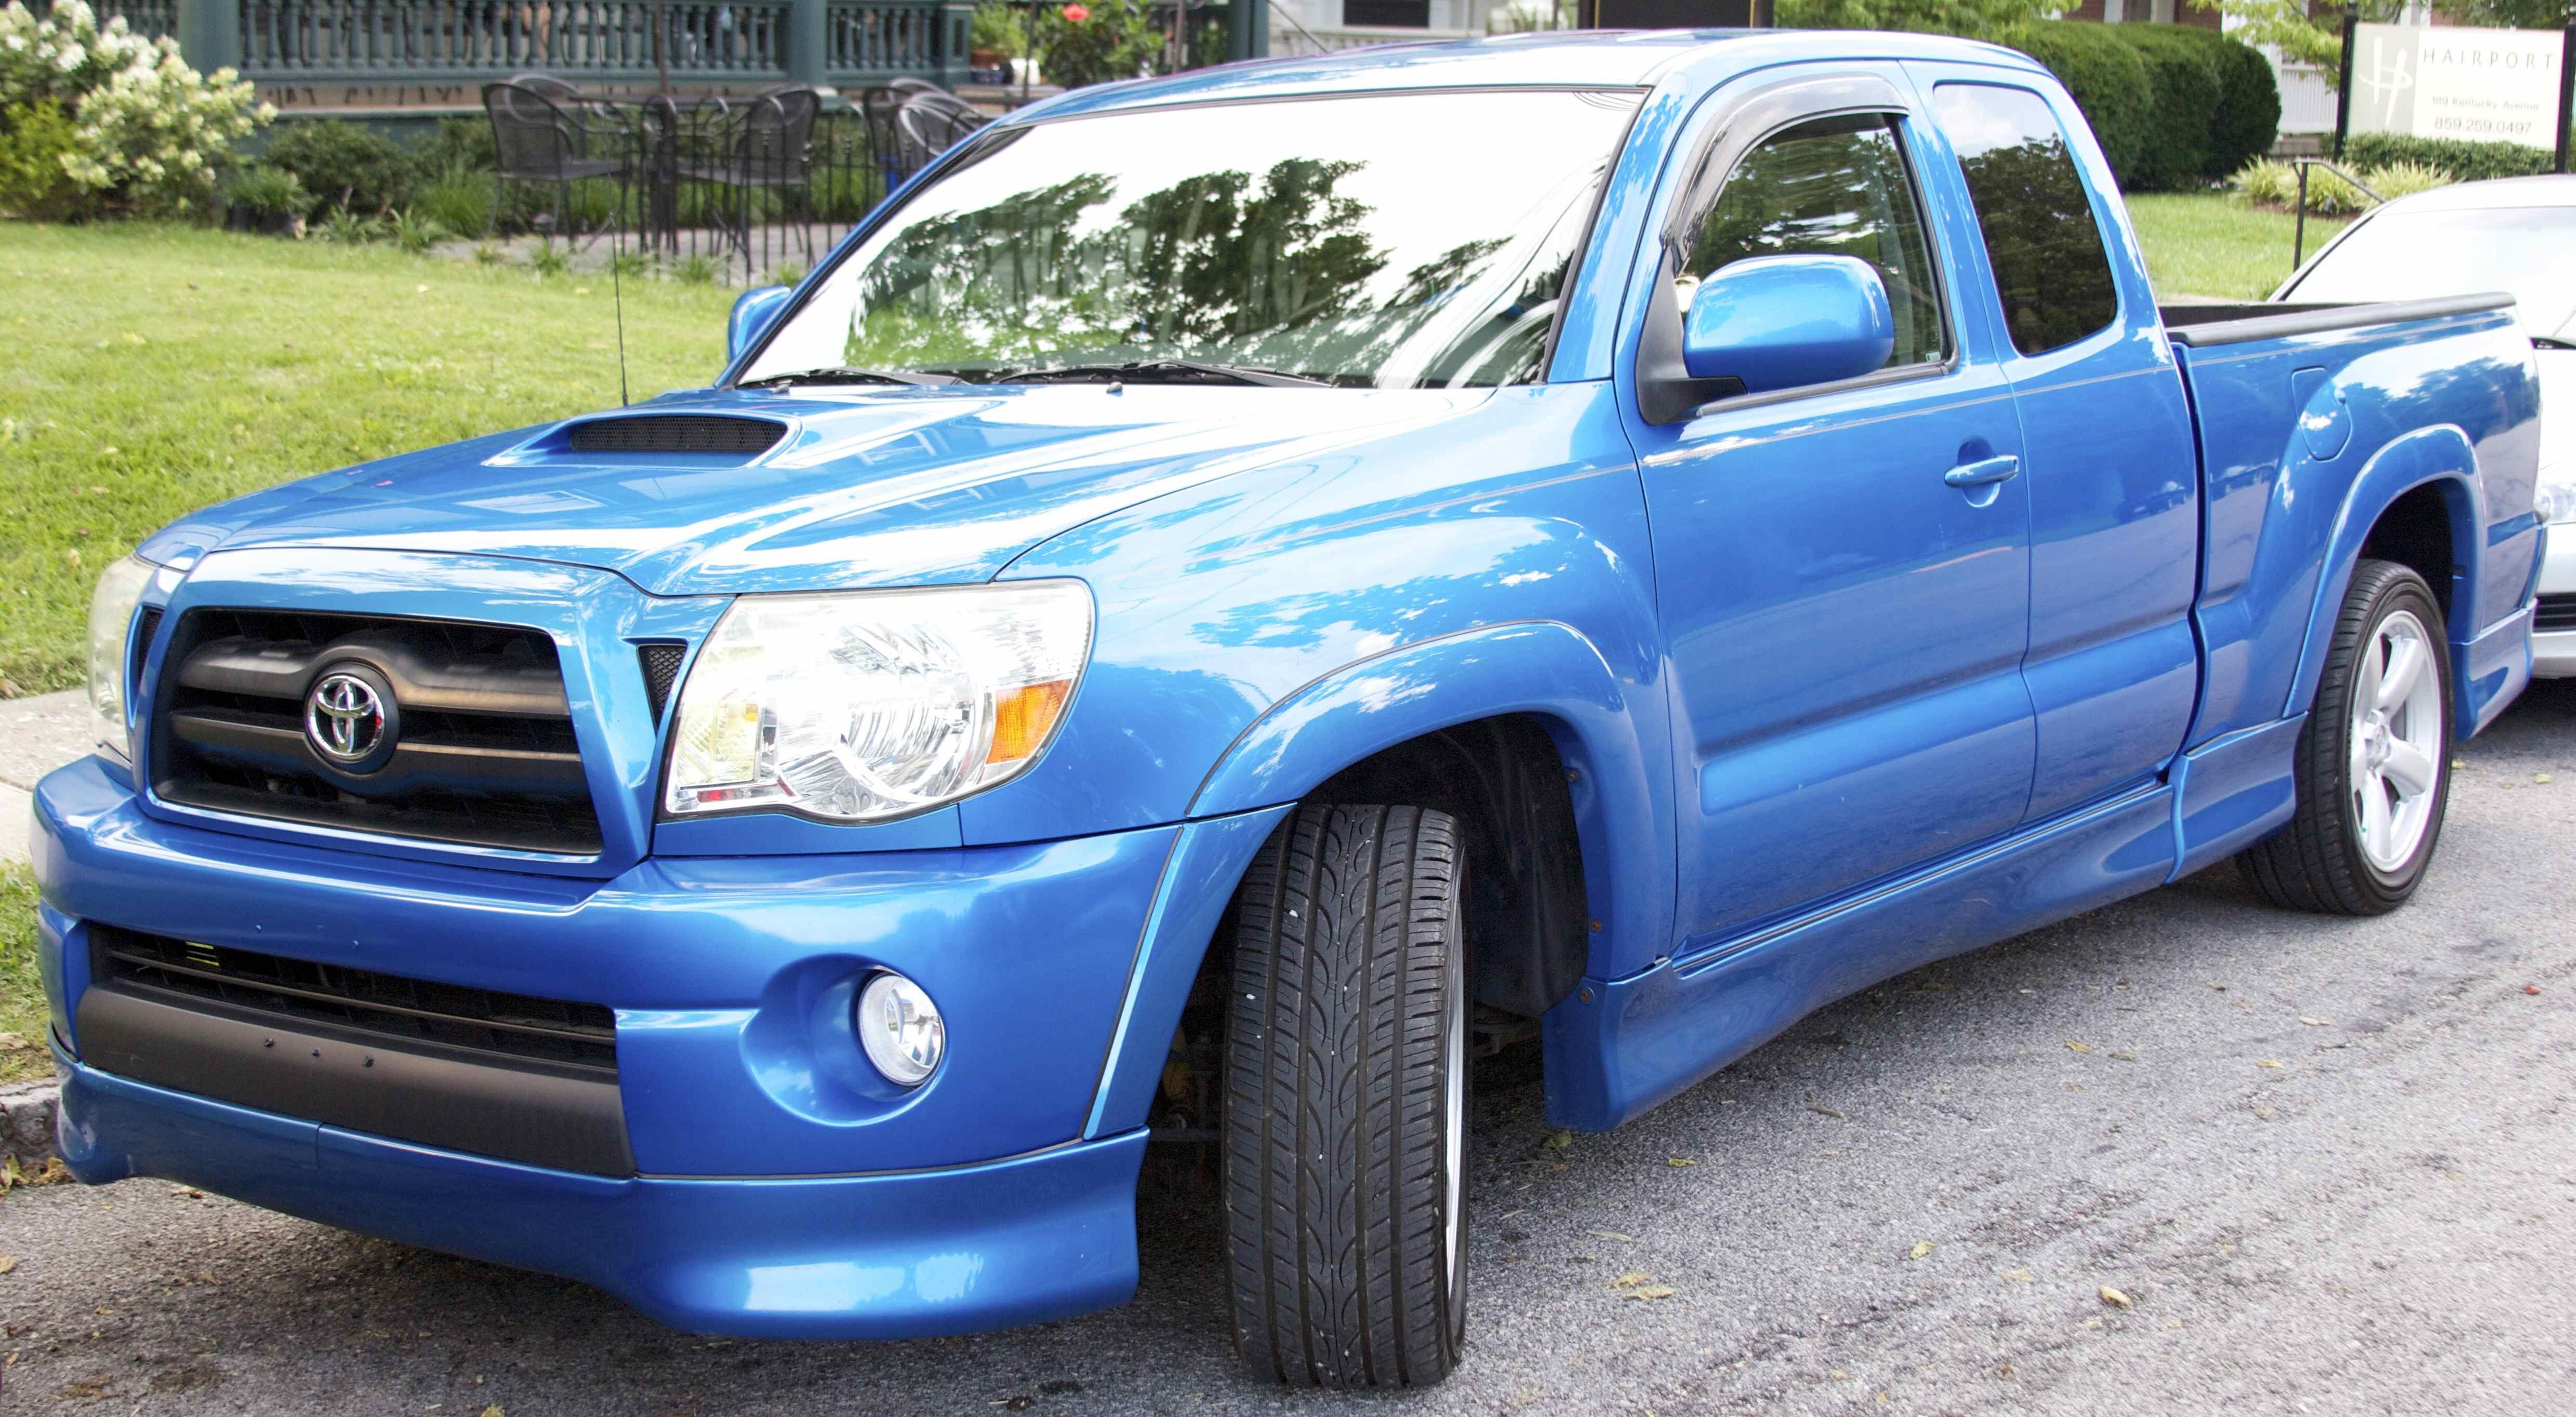 2005 TACOMA XTRACAB PICKUP TRUCK